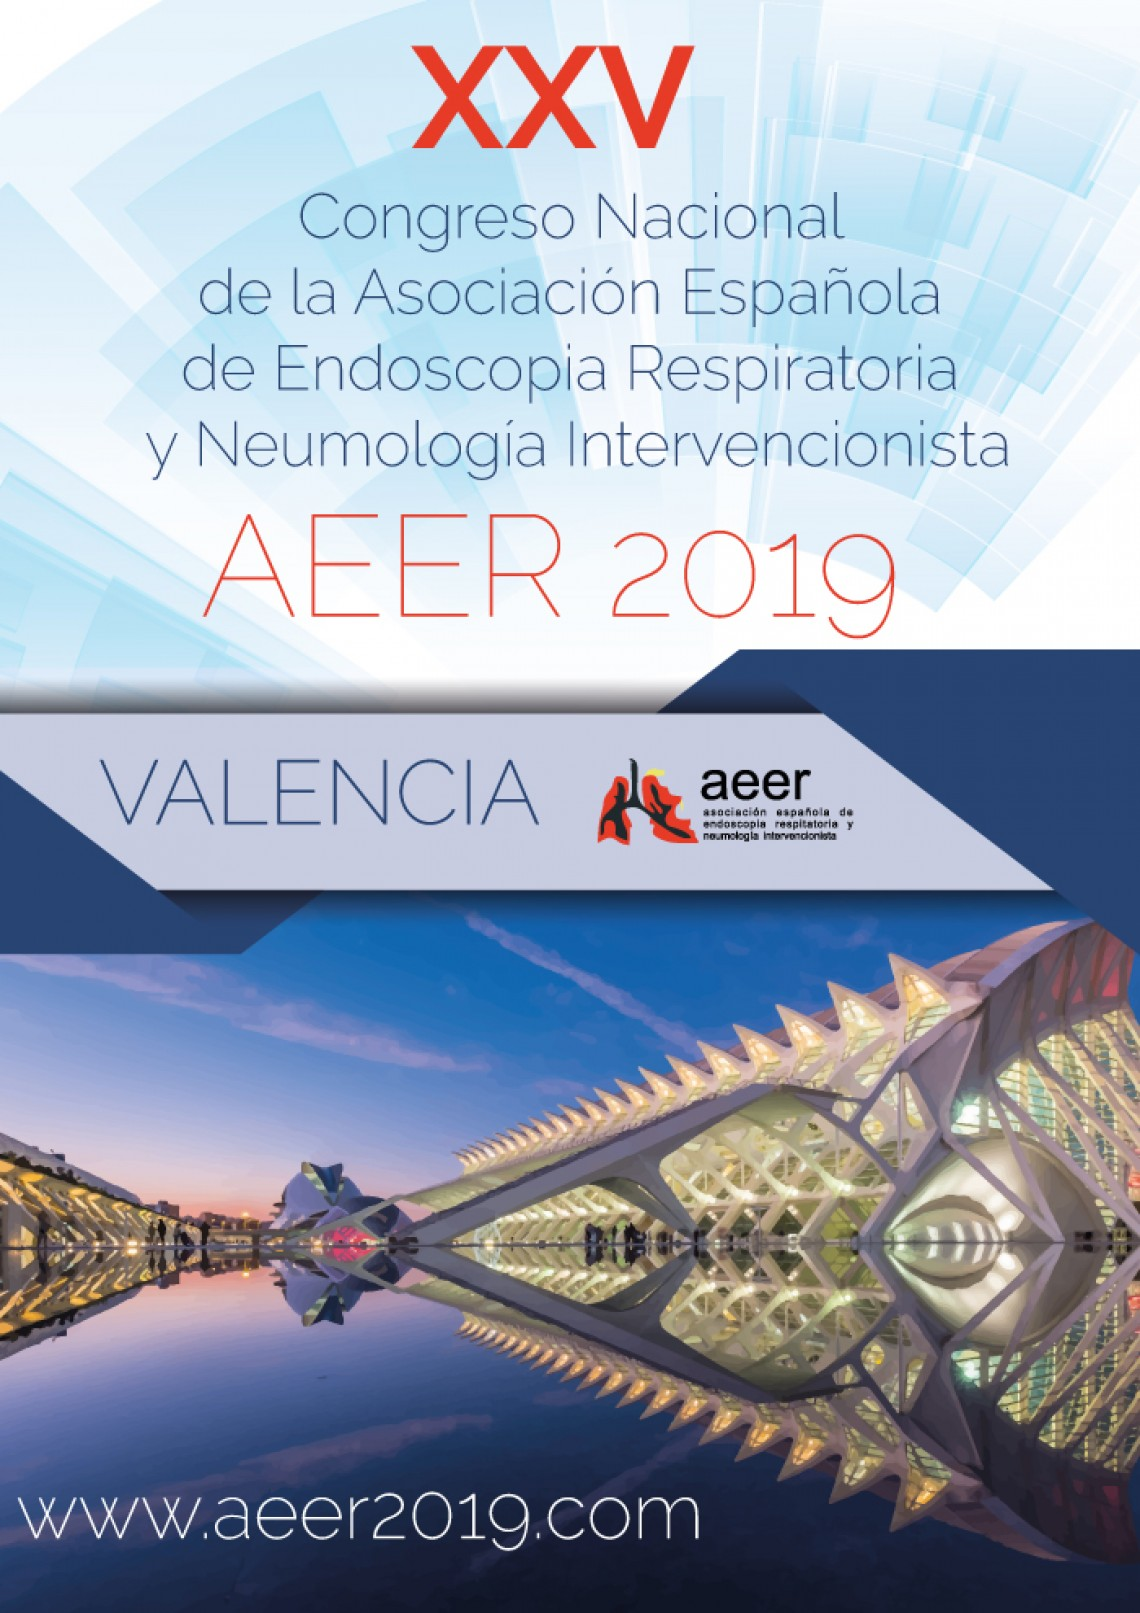 XXV Congreso Nacional de la Asociación Española de Endoscopia Respiratoria y Neumología Intervencionista